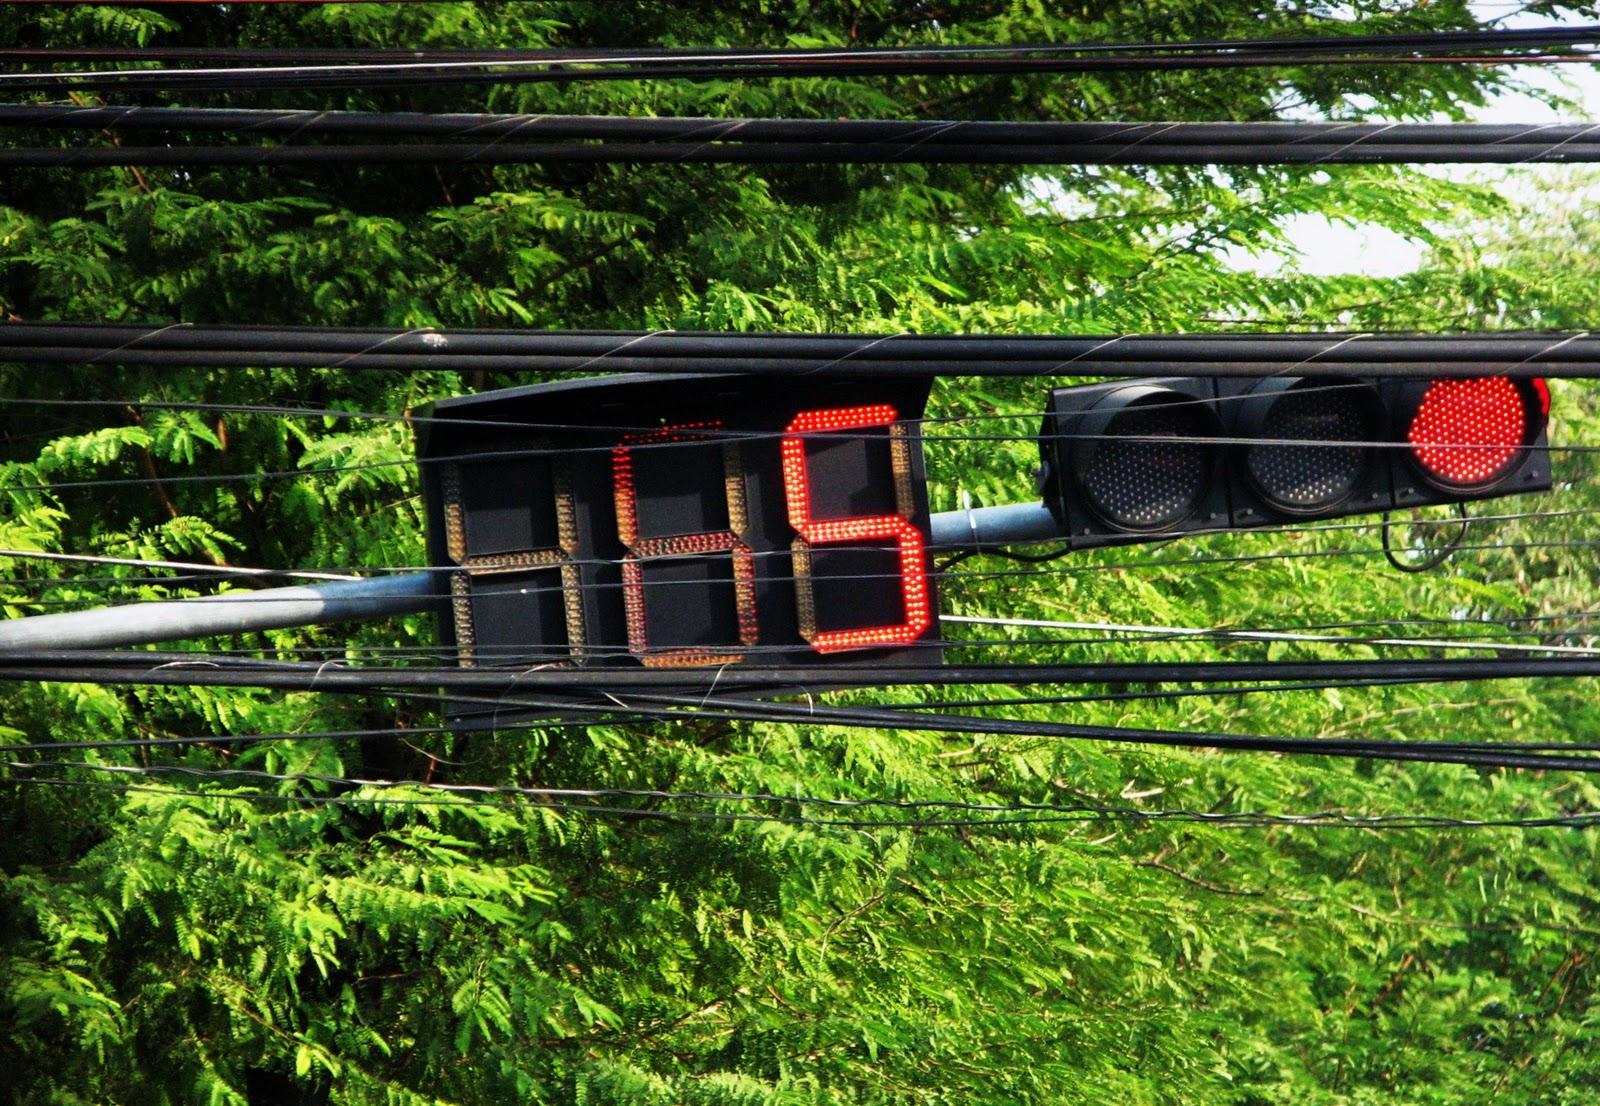 Semáforo con cronómetro